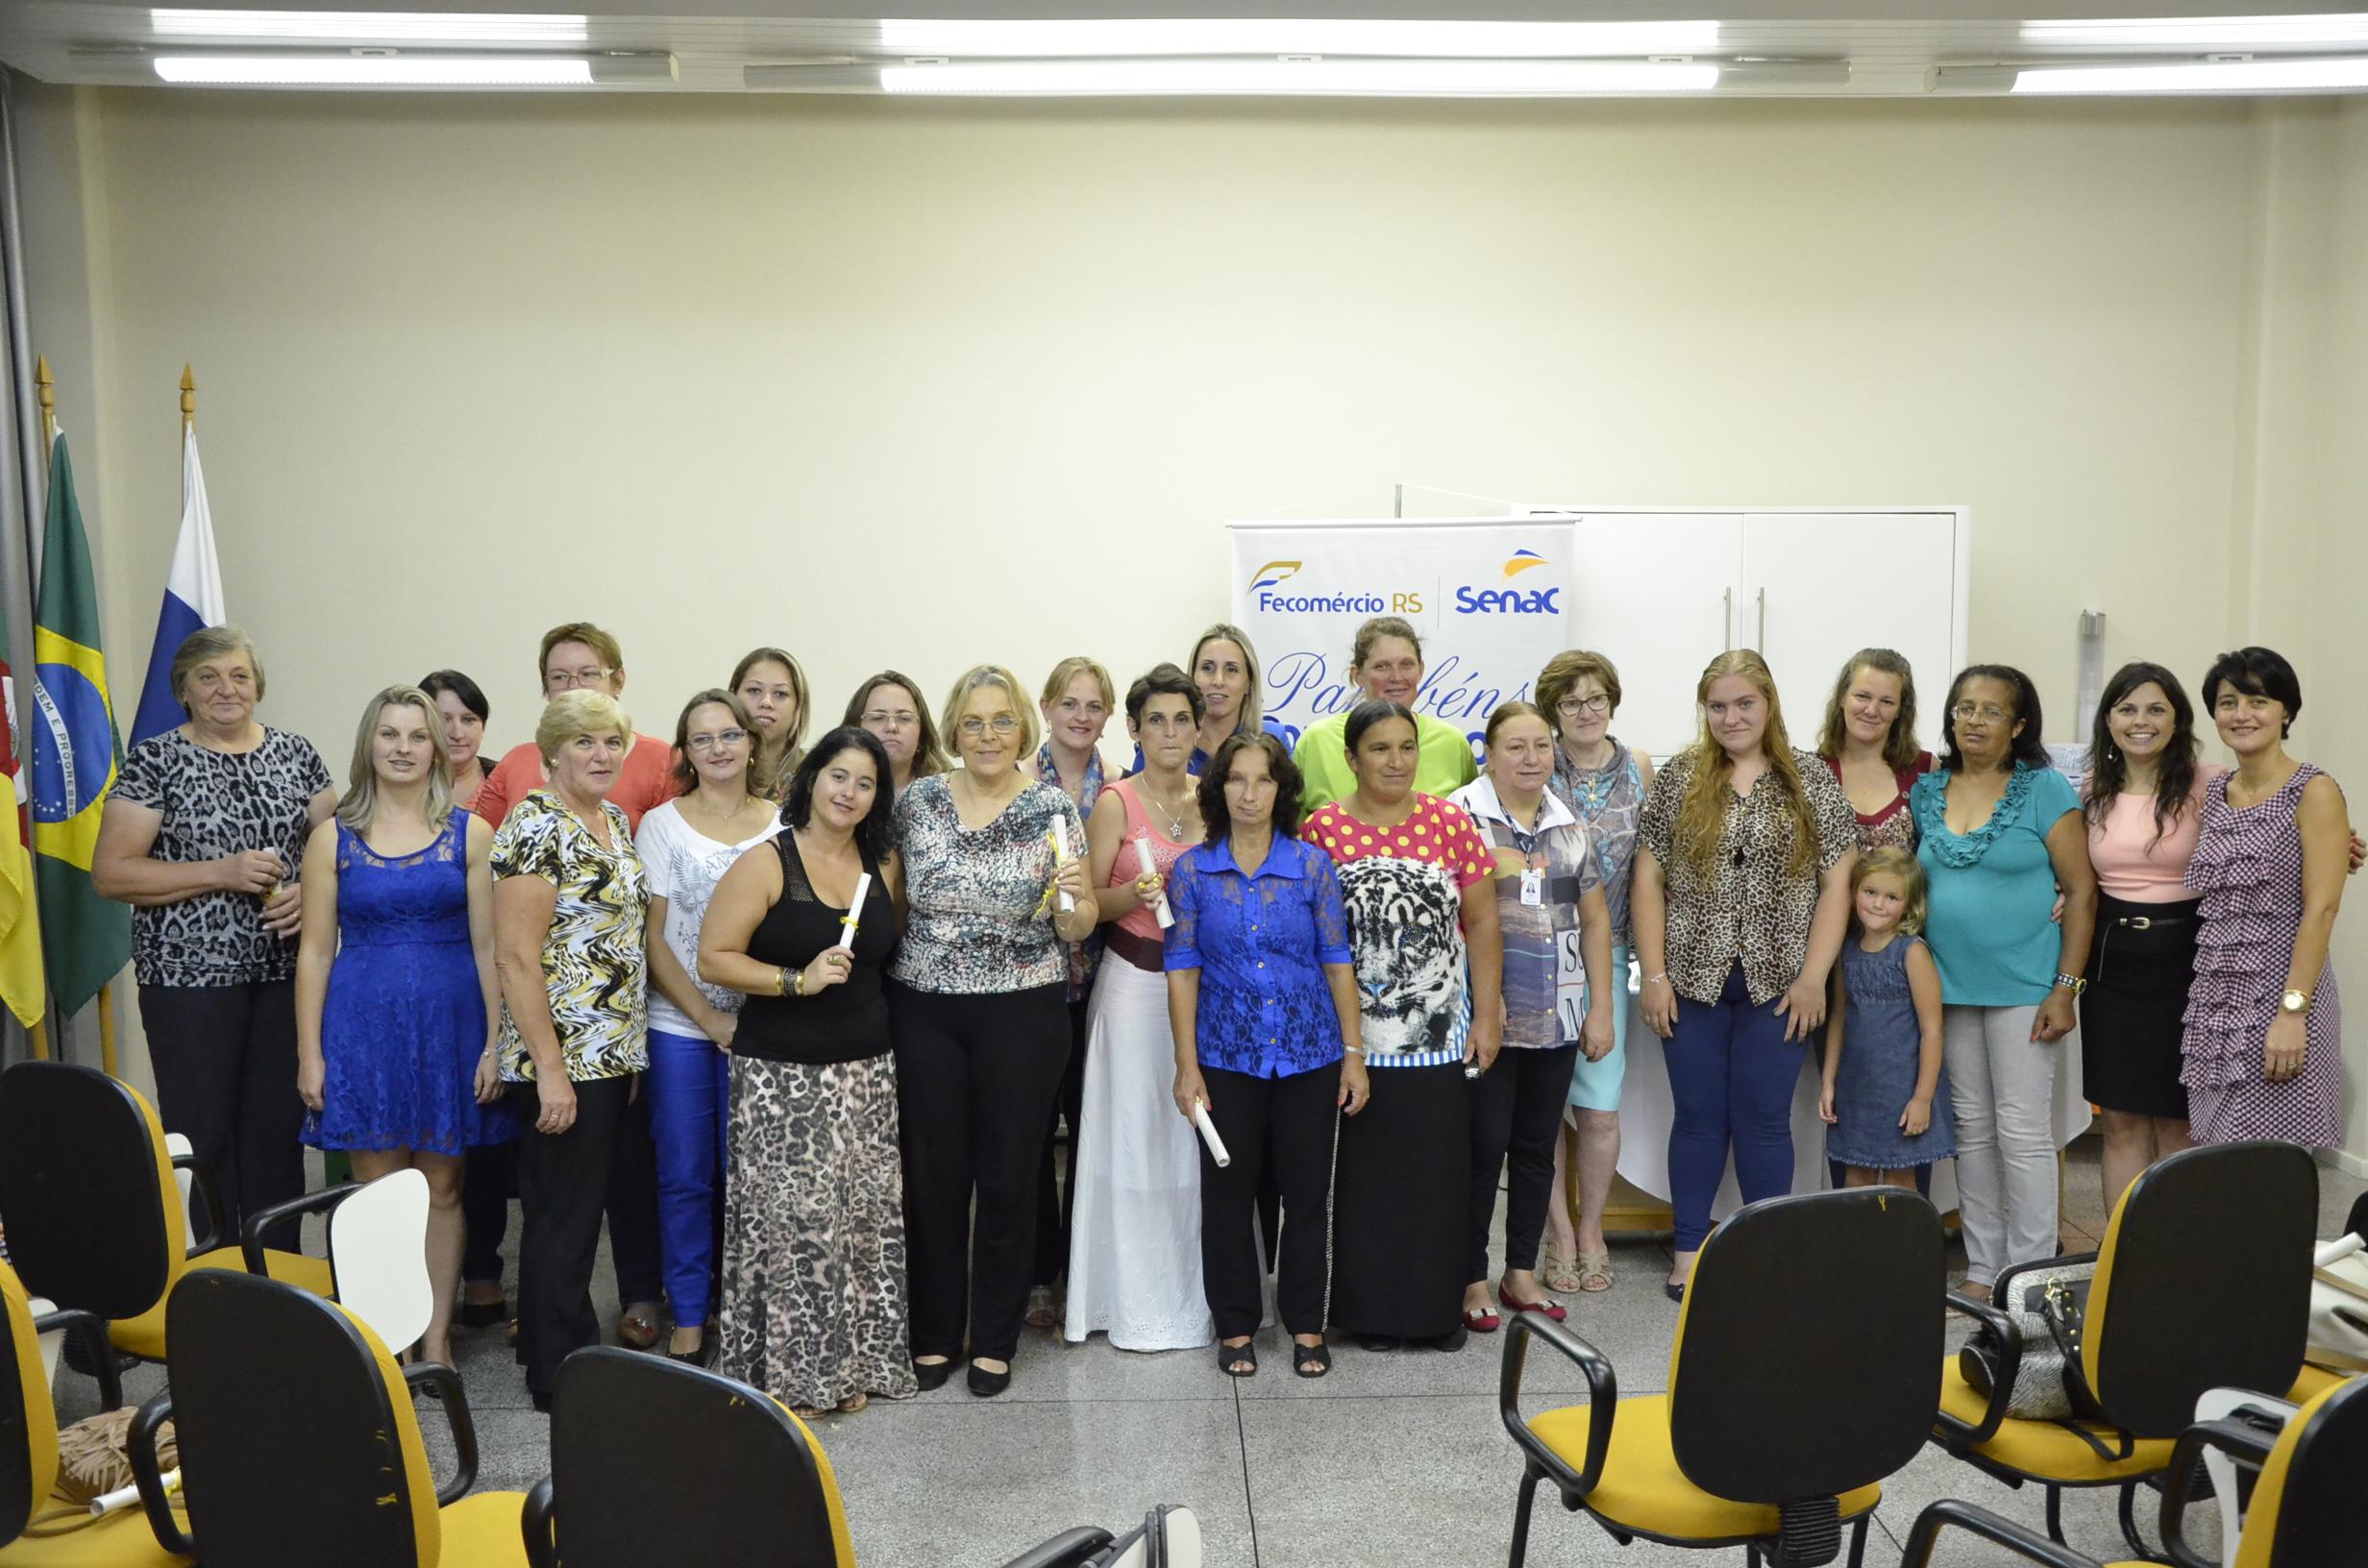 Turmas do Pronatec recebem diploma em Nova Petrópolis